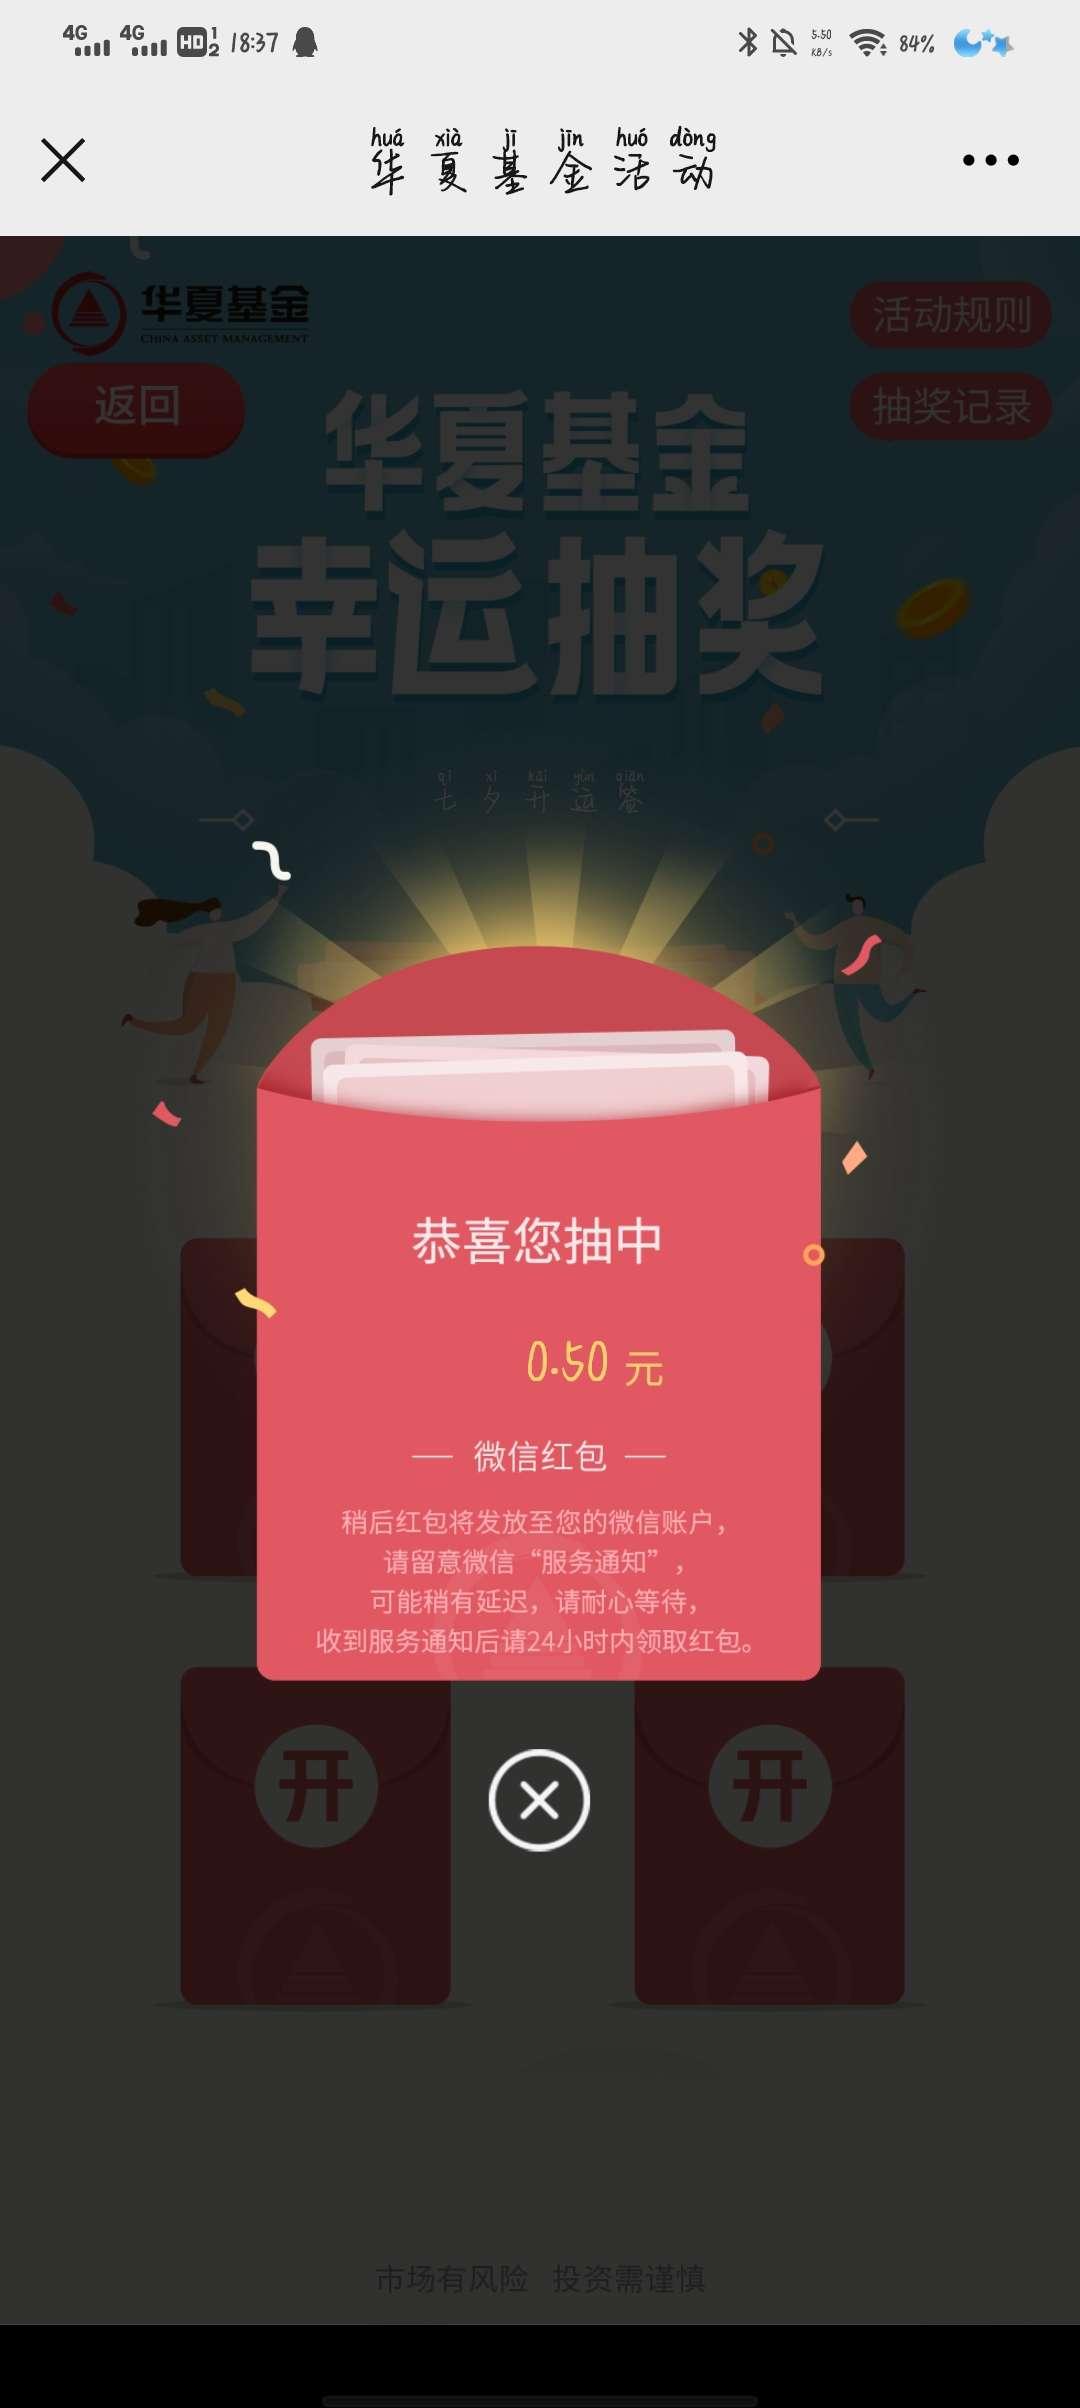 【红包】中华七夕抽红包插图